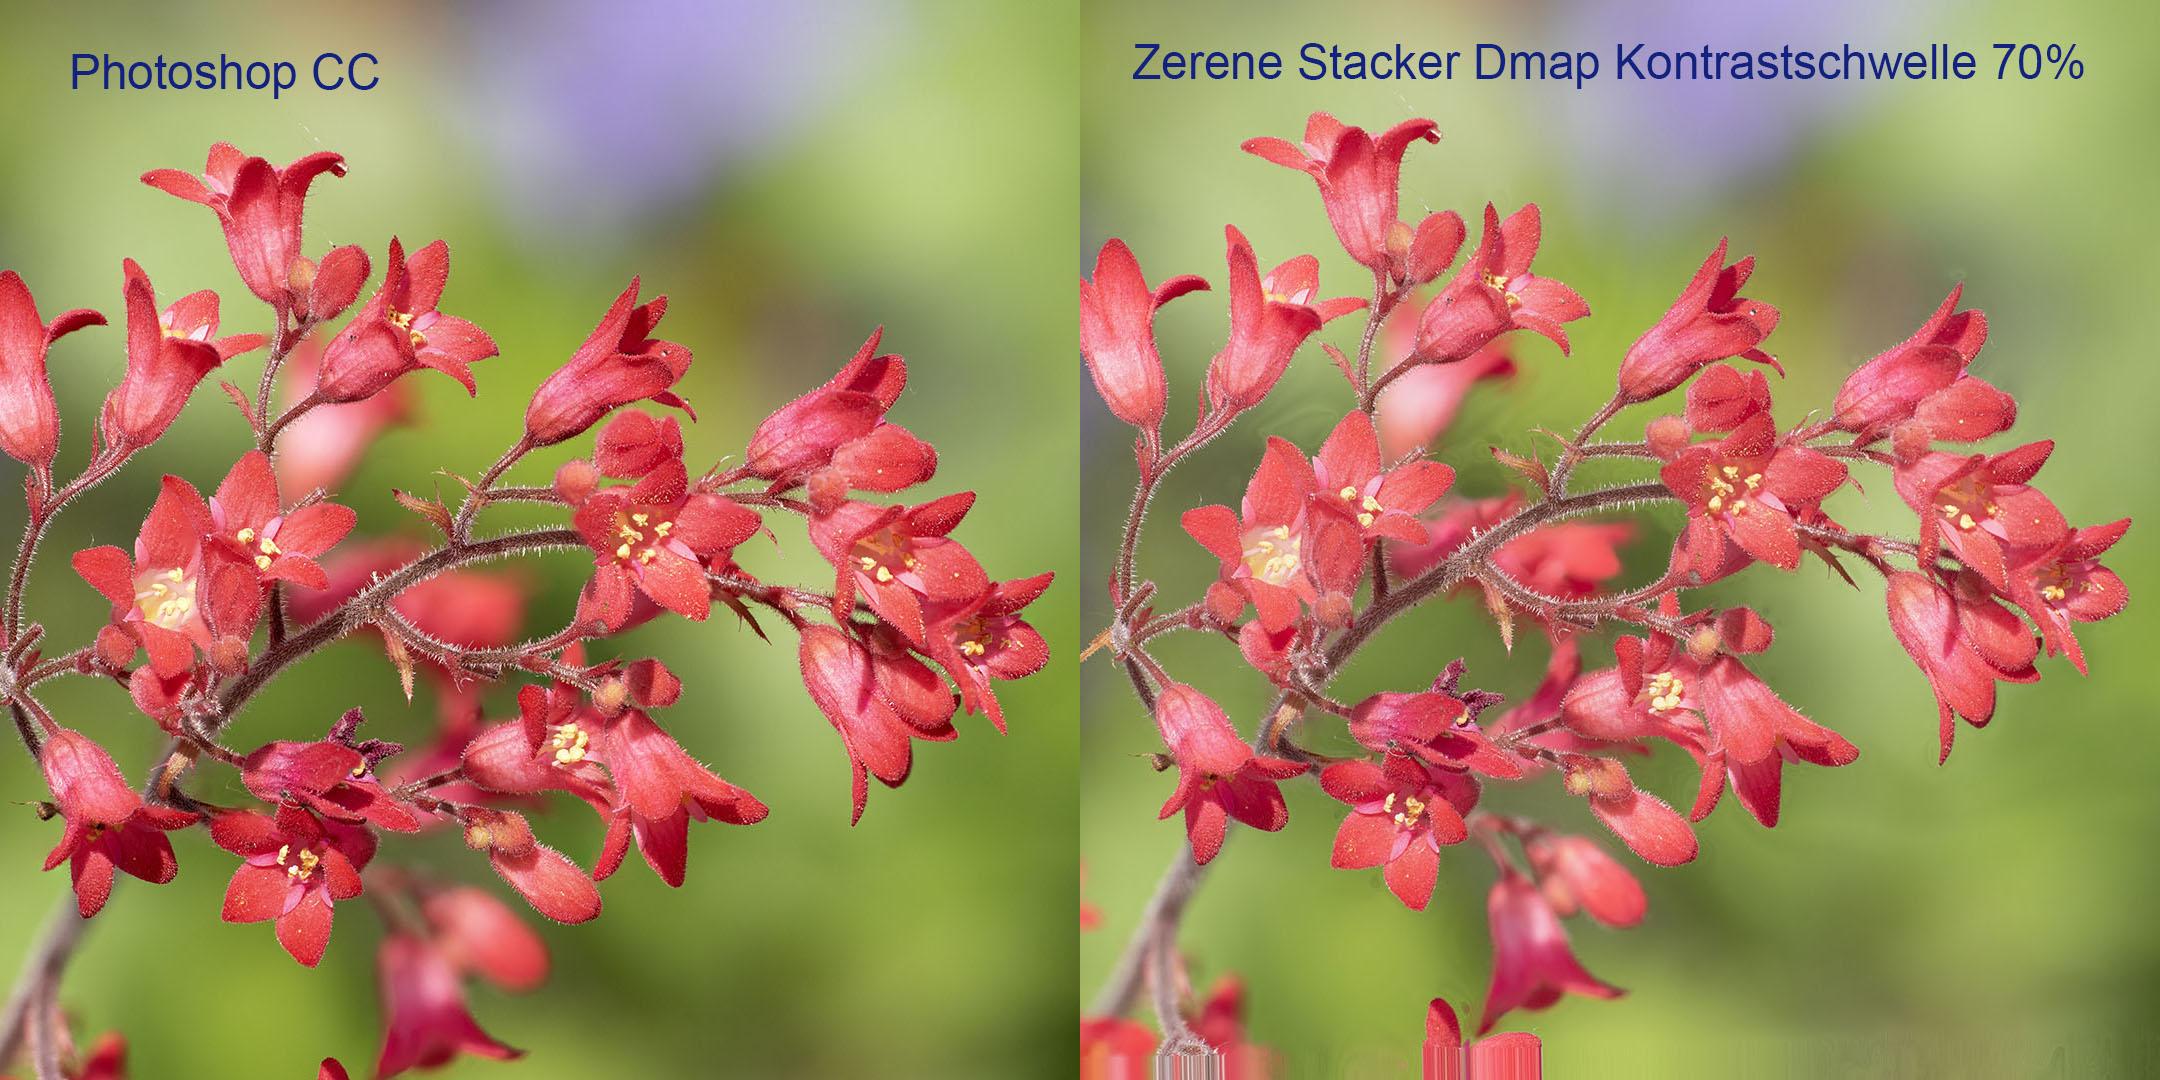 Vergleich Photoshop-Zerene Stacker Modus Dmap Kontrastschwelle 70%